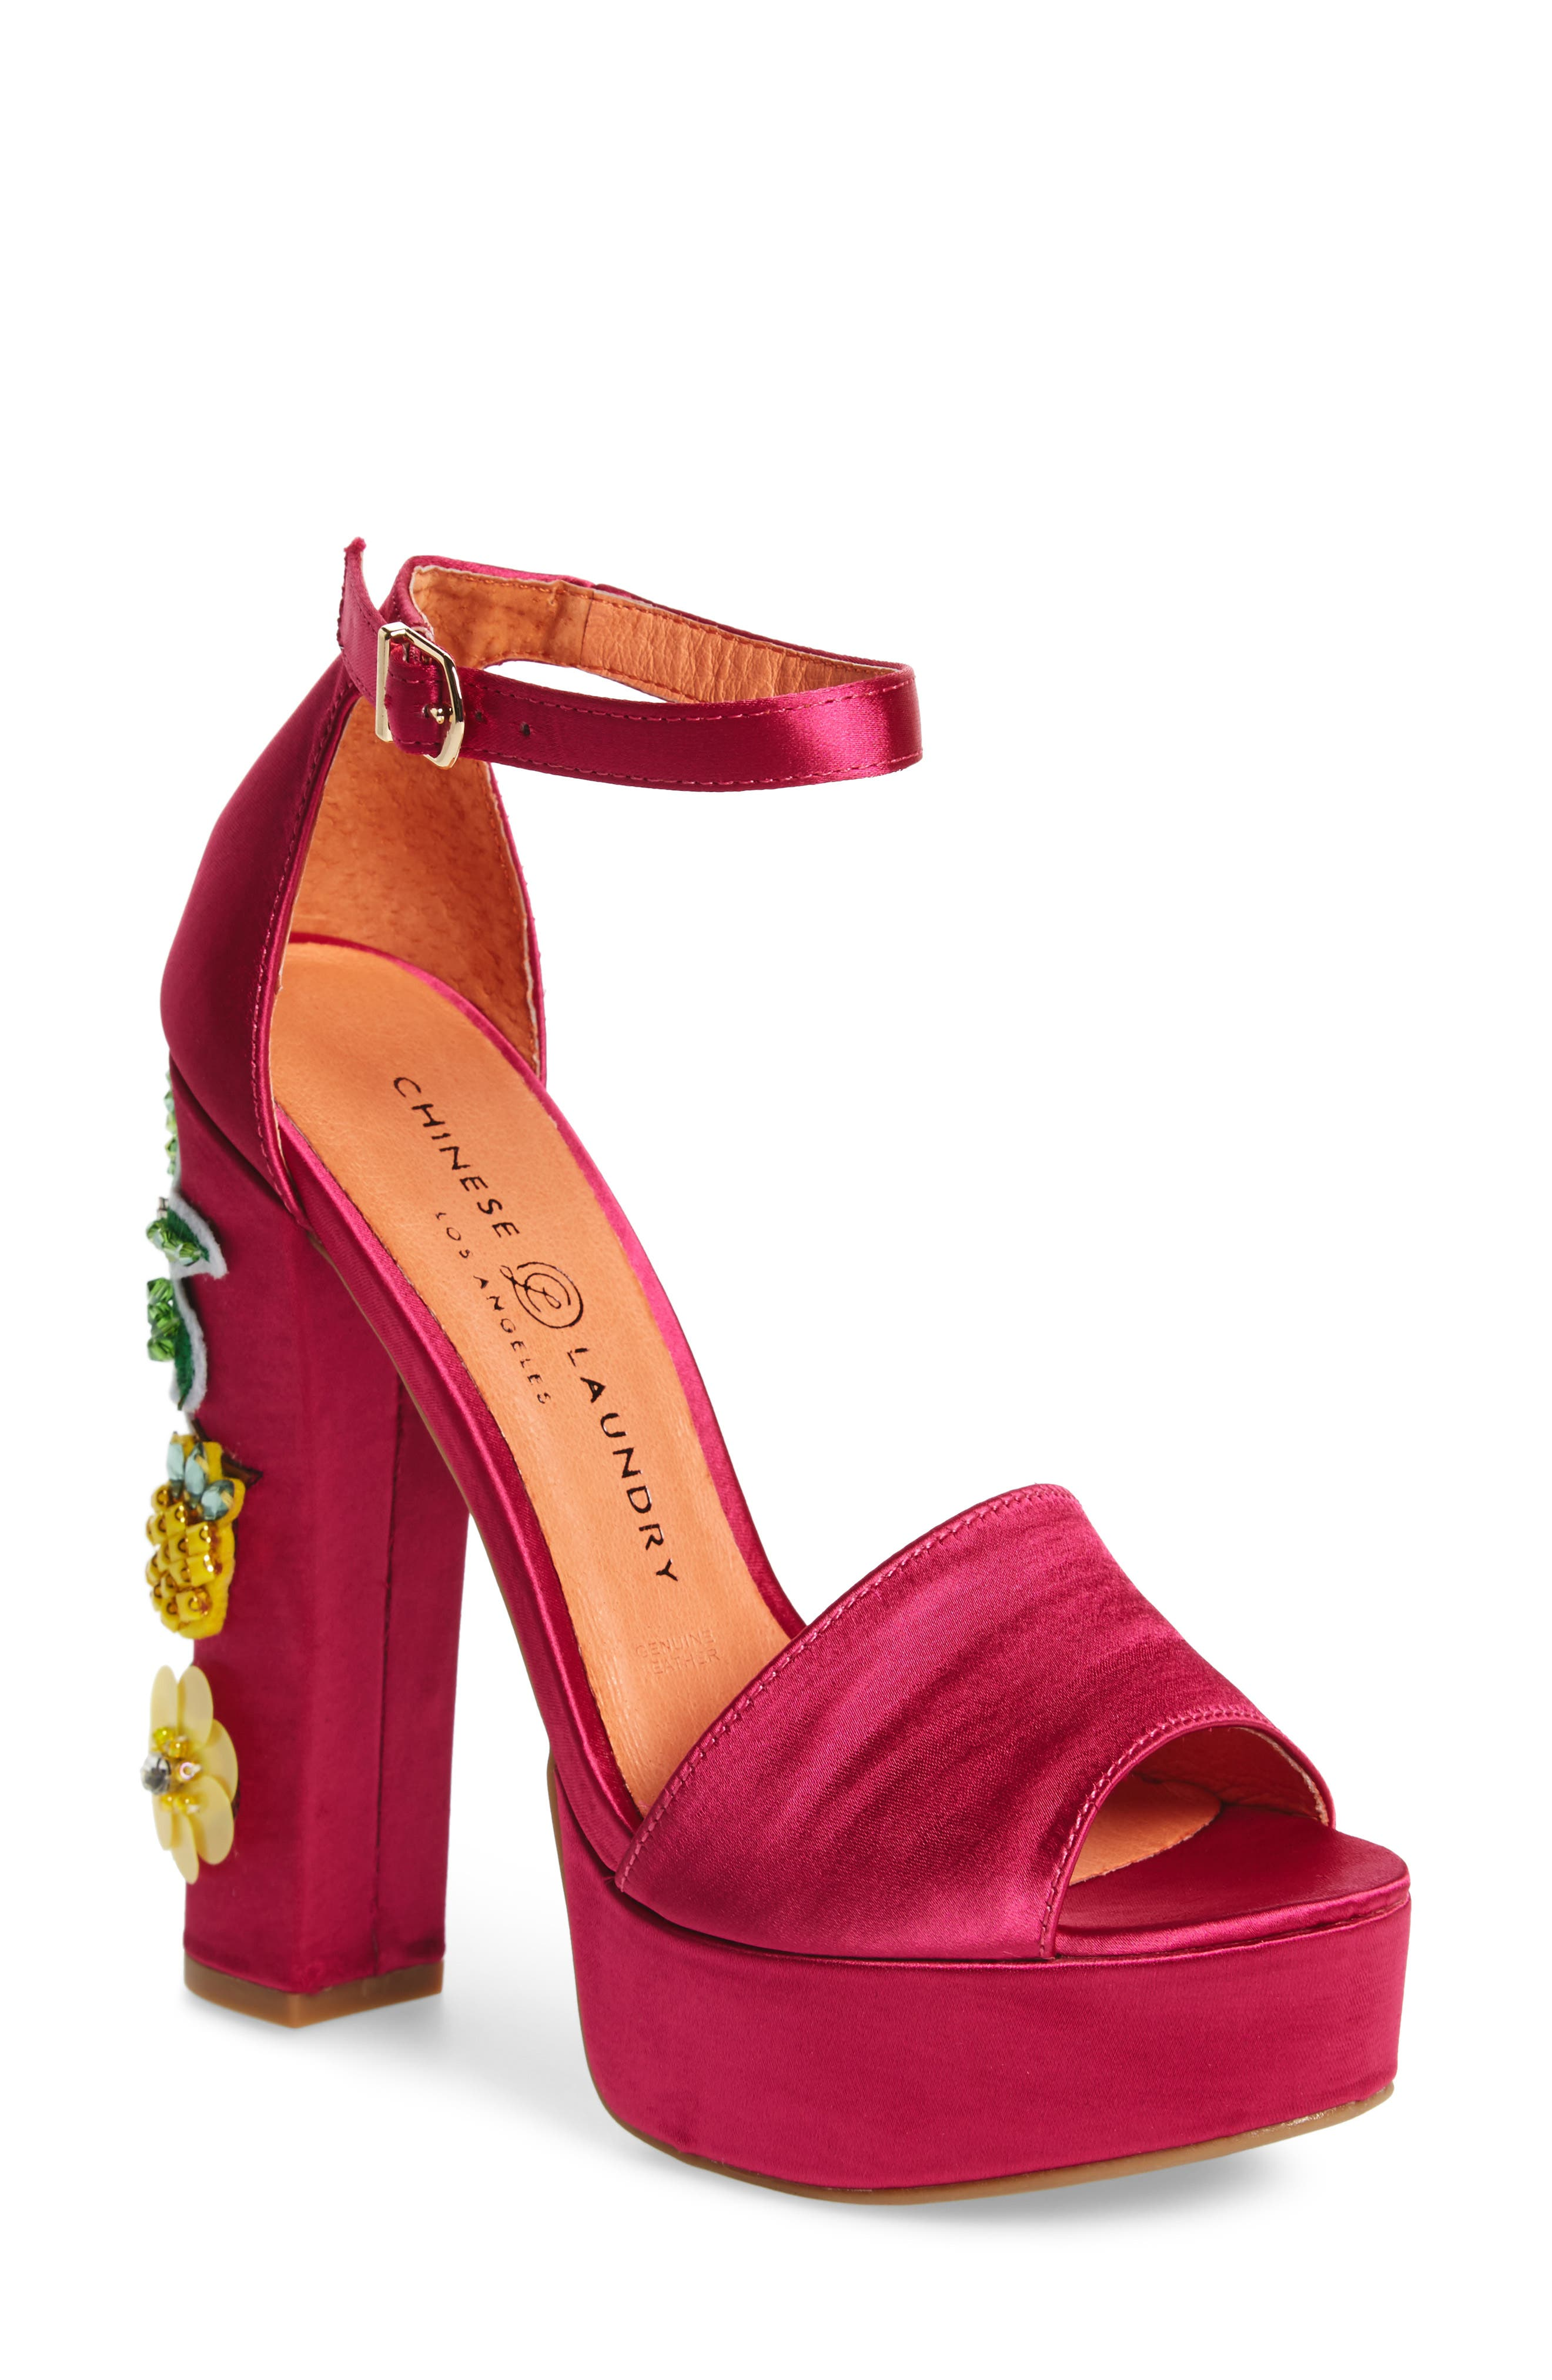 Main Image - Chinese Laundry Aloha Embellished Platform Sandal (Women)